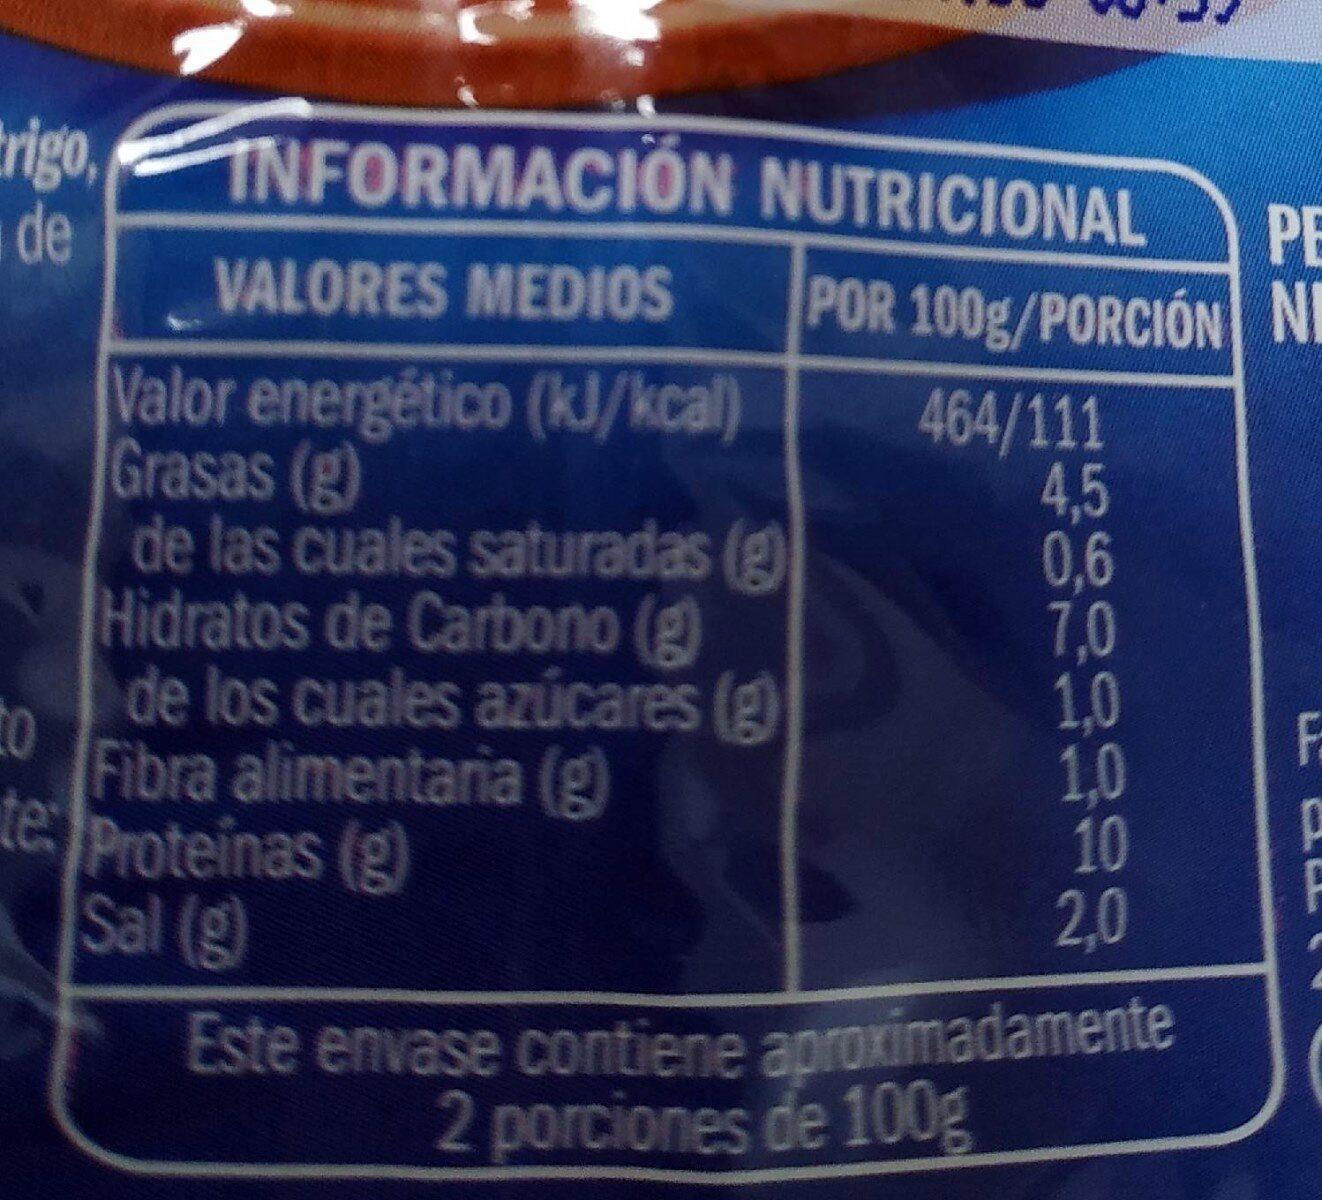 Magníficas del mar - Nutrition facts - es